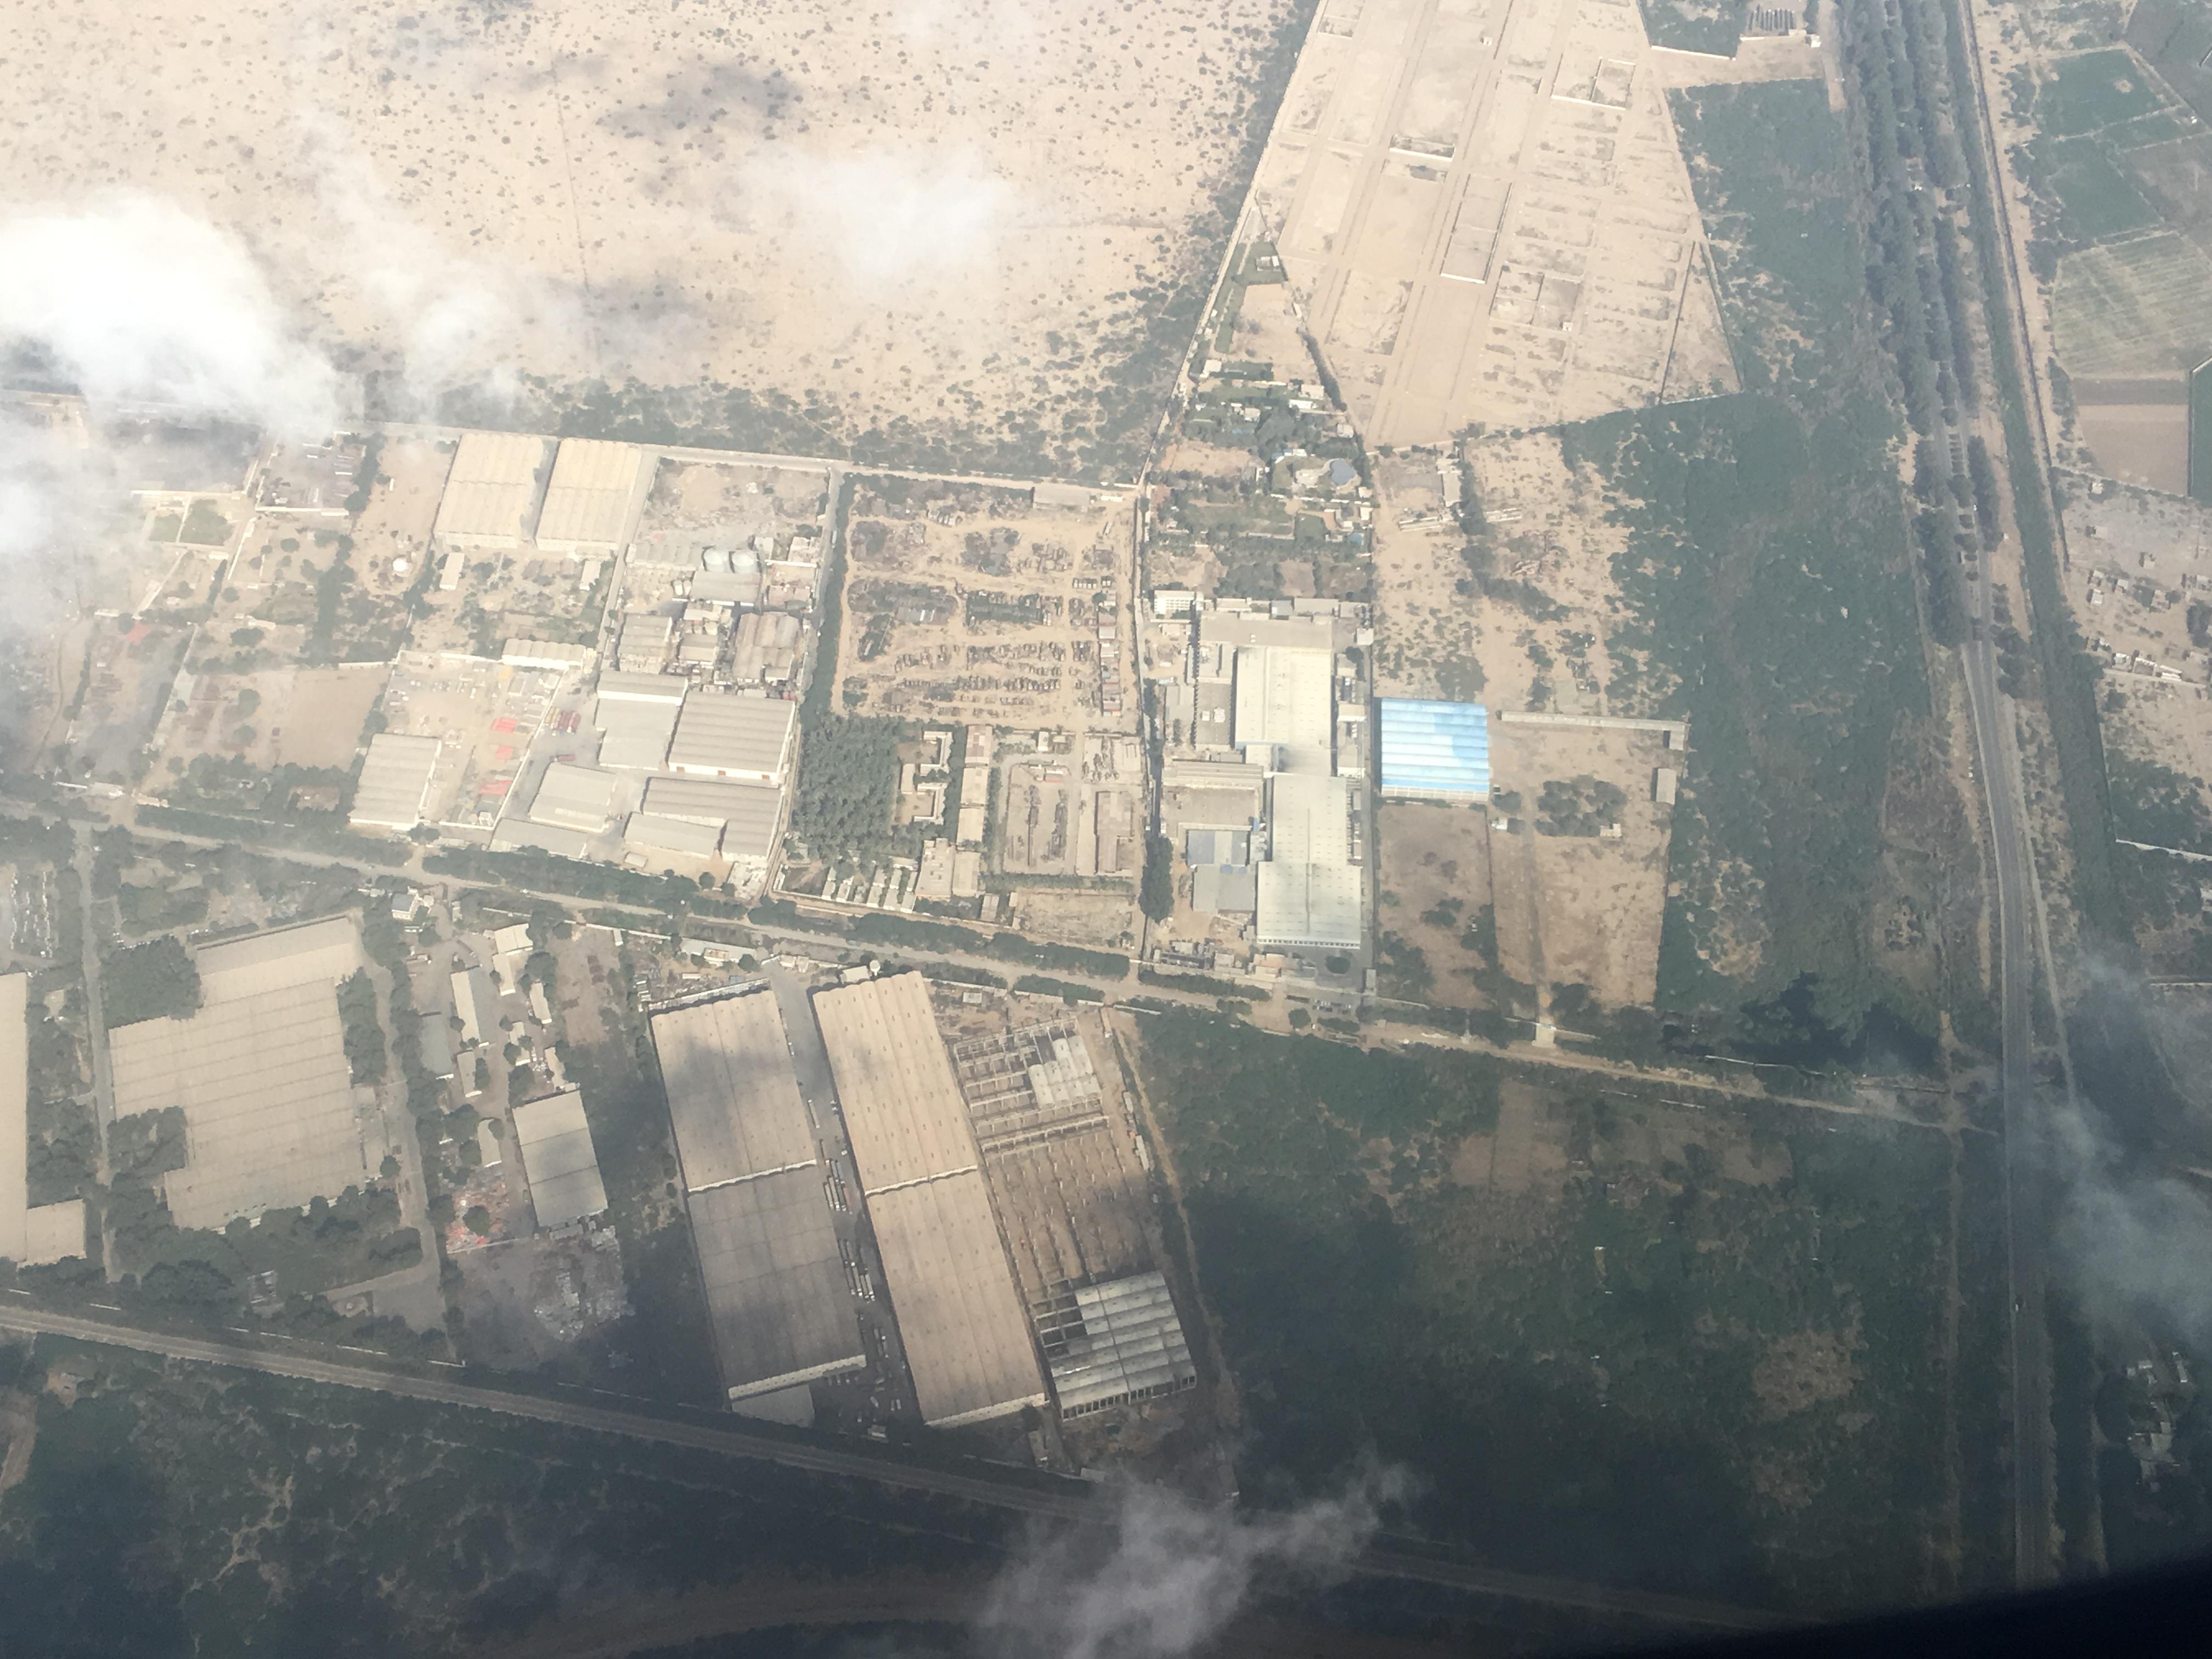 File:Karachi - Muhammad Bin Qasim Town - Data Nagar bin